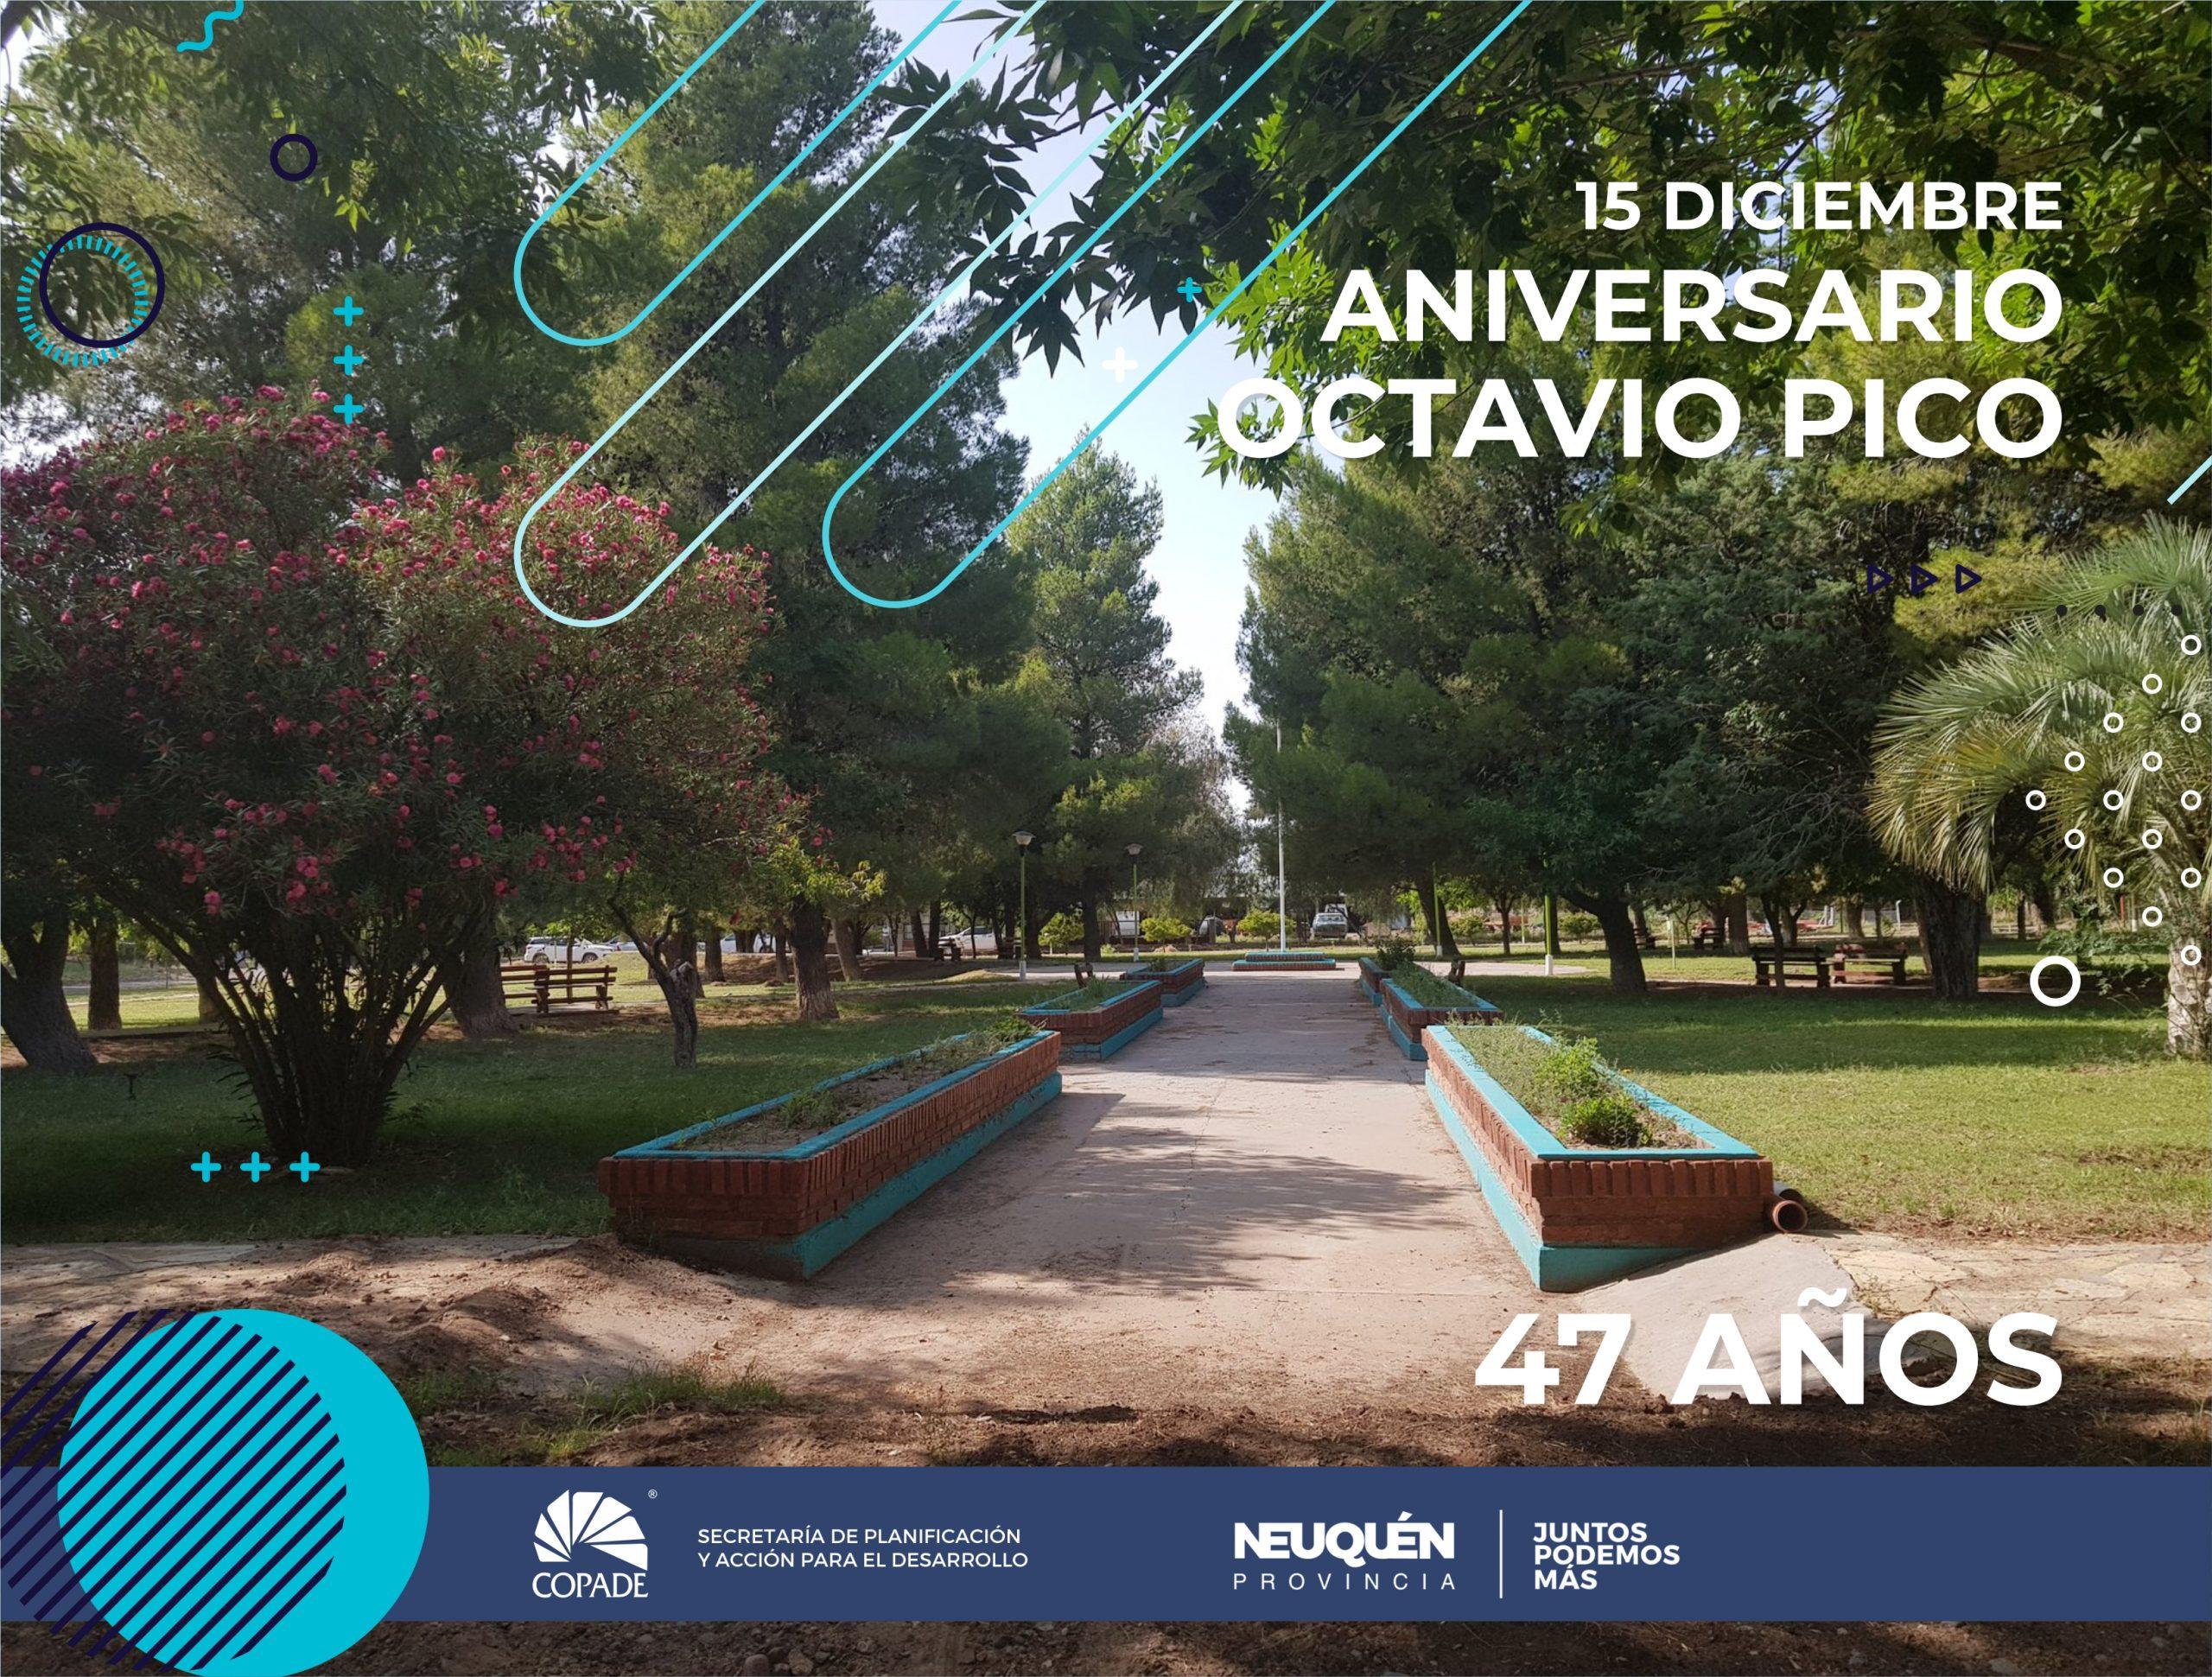 15 de diciembre | Aniversario de Octavio Pico